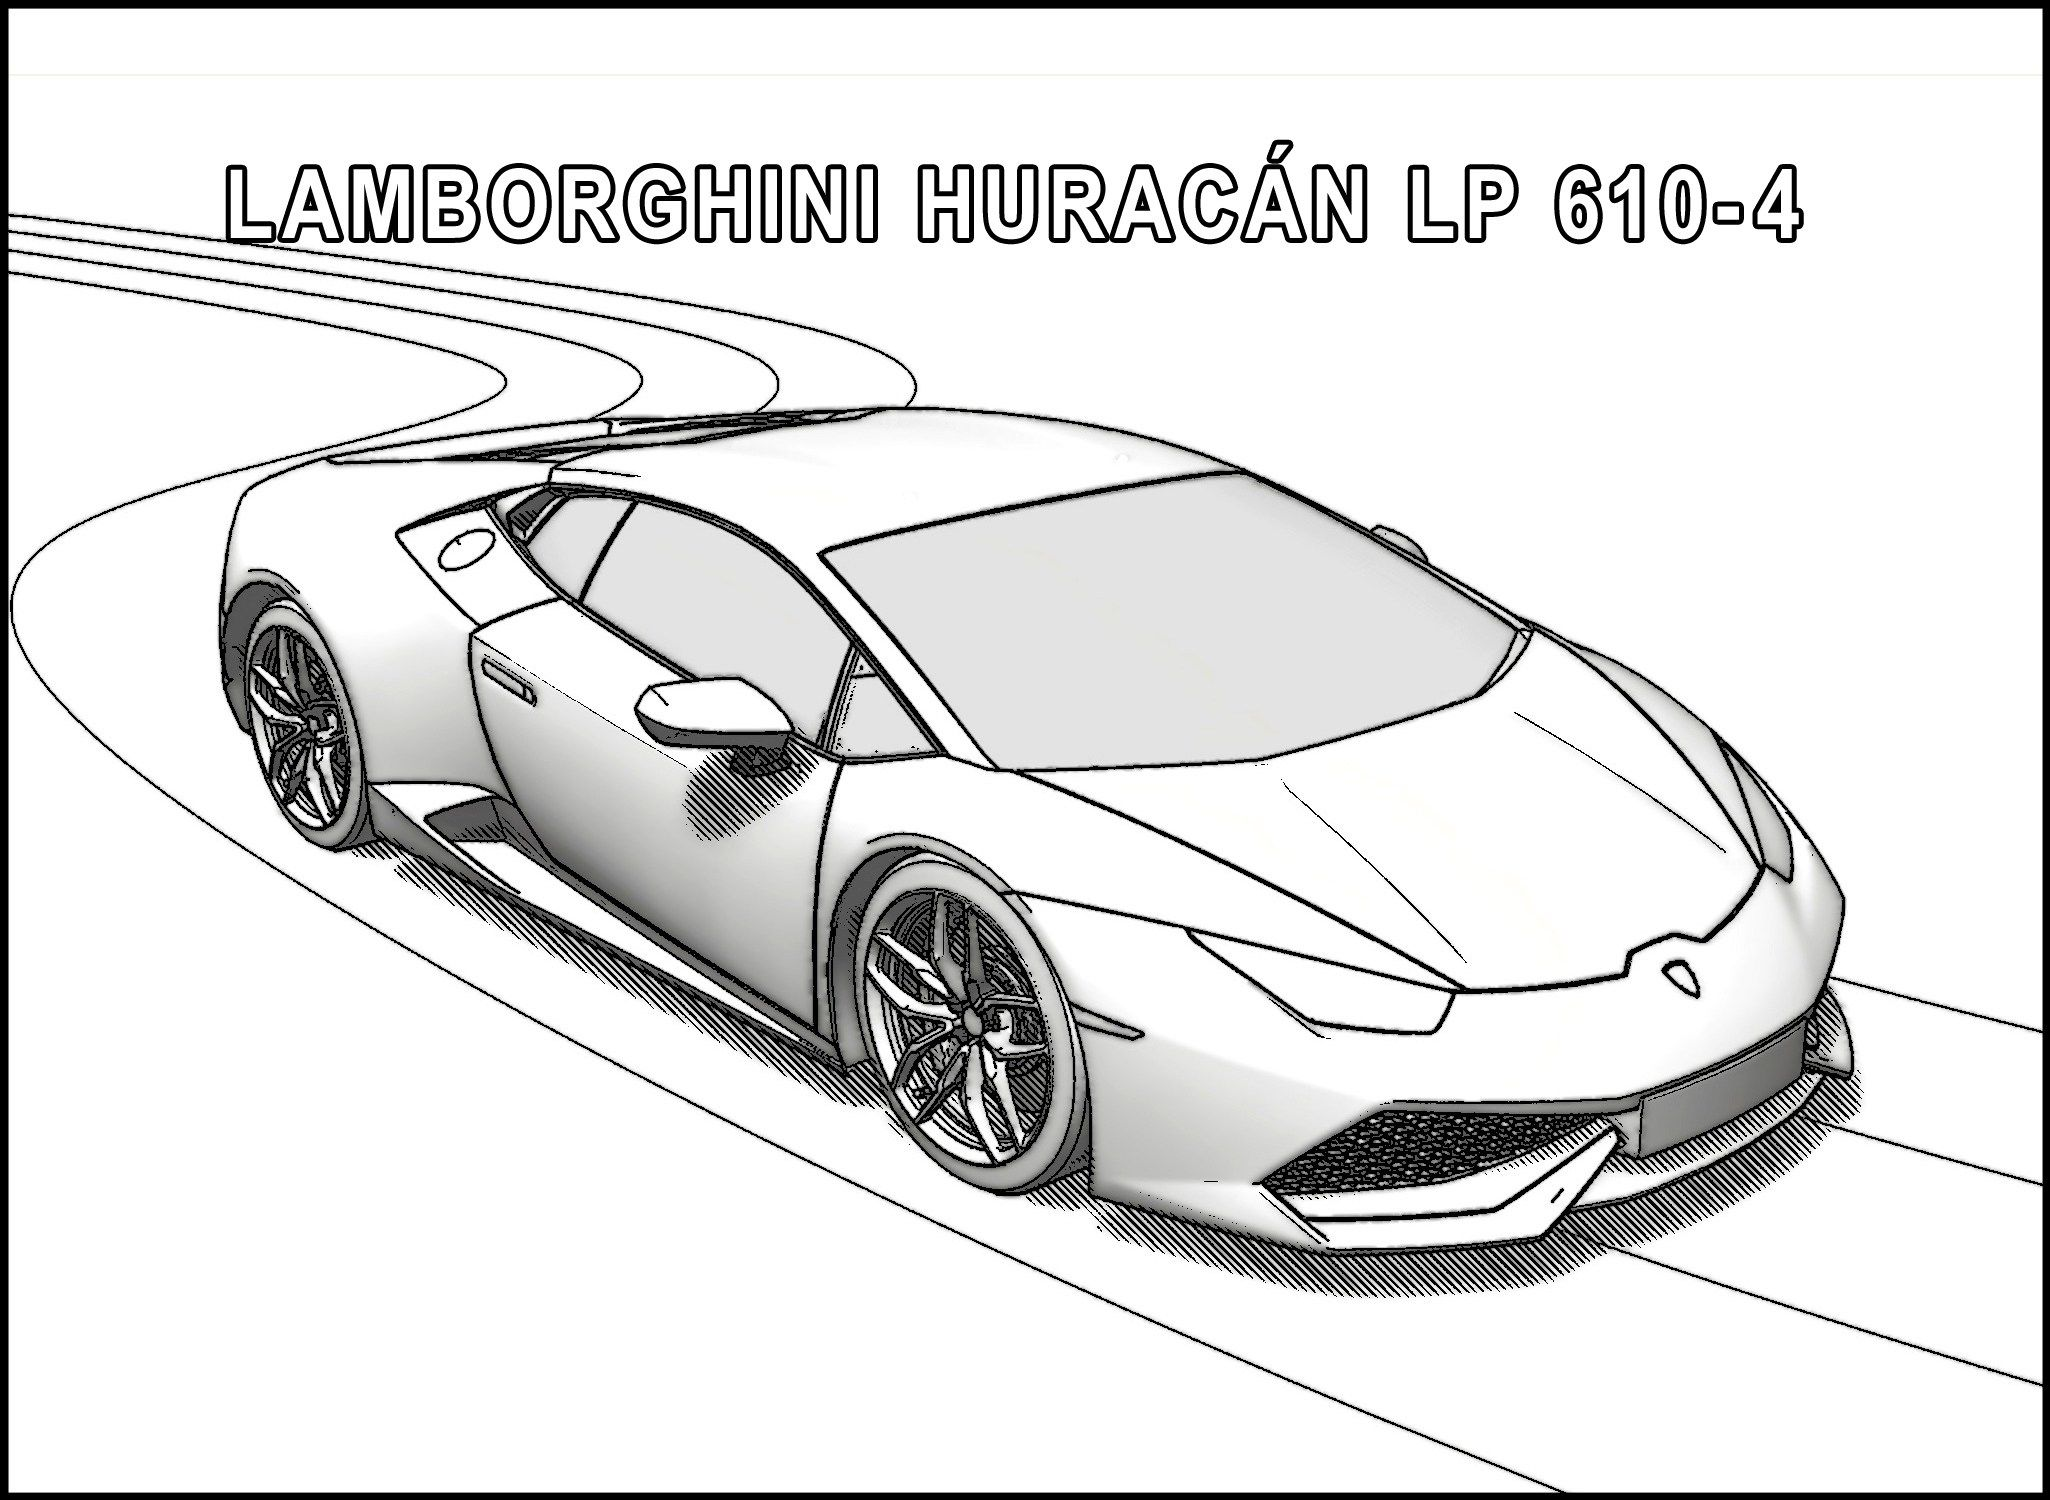 15_huracan_a  Lamborghini aventador, Lamborghini, Drawing